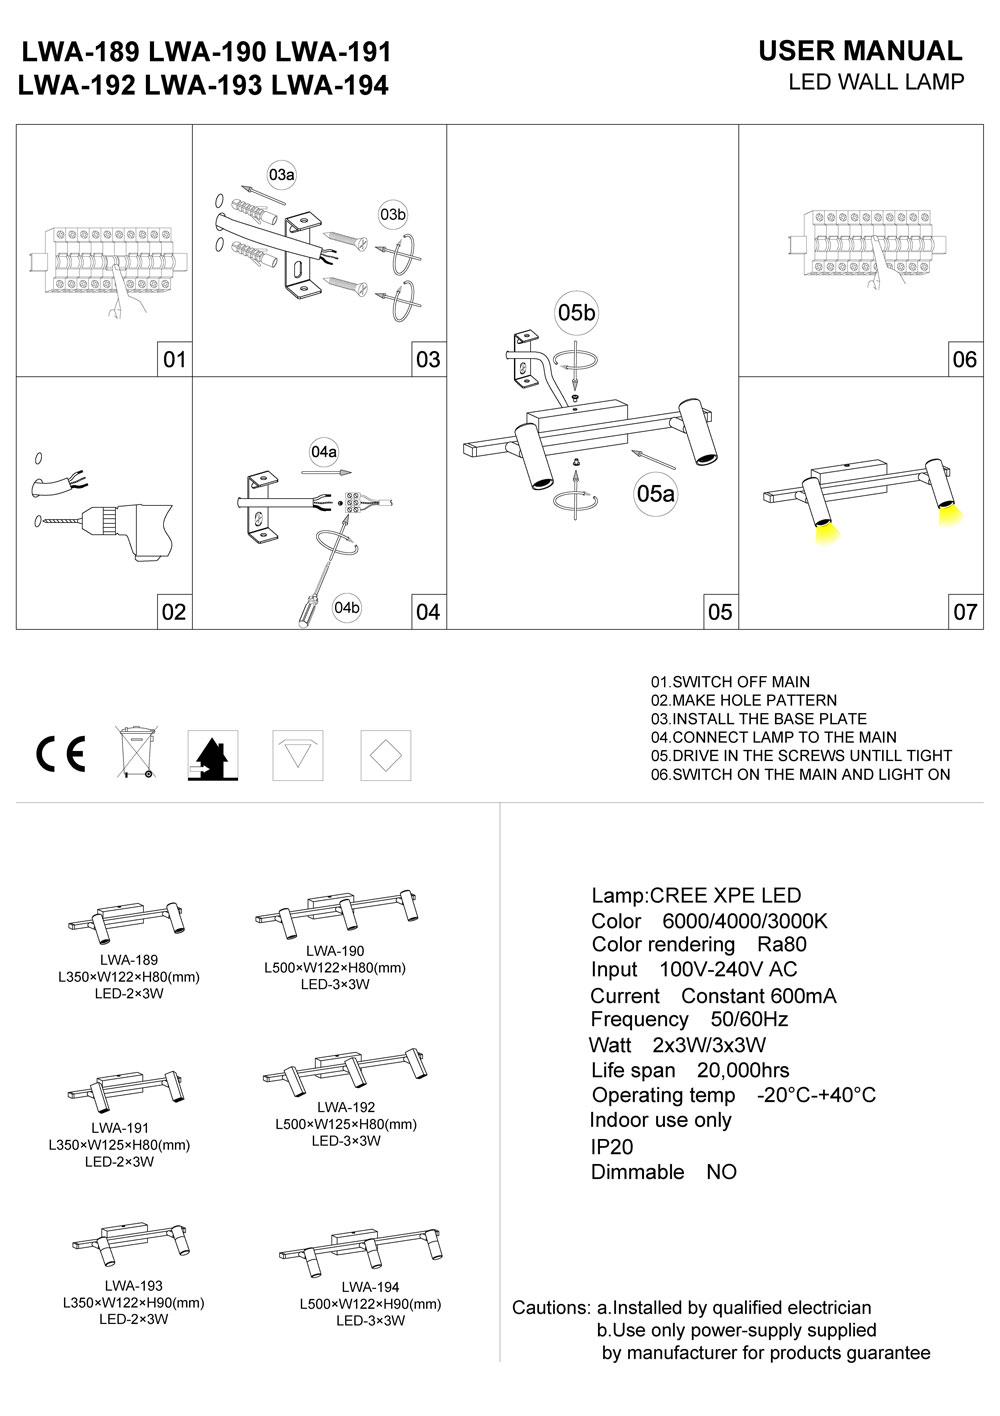 LWA-189-LWA-190-LWA-191 LED mirror light